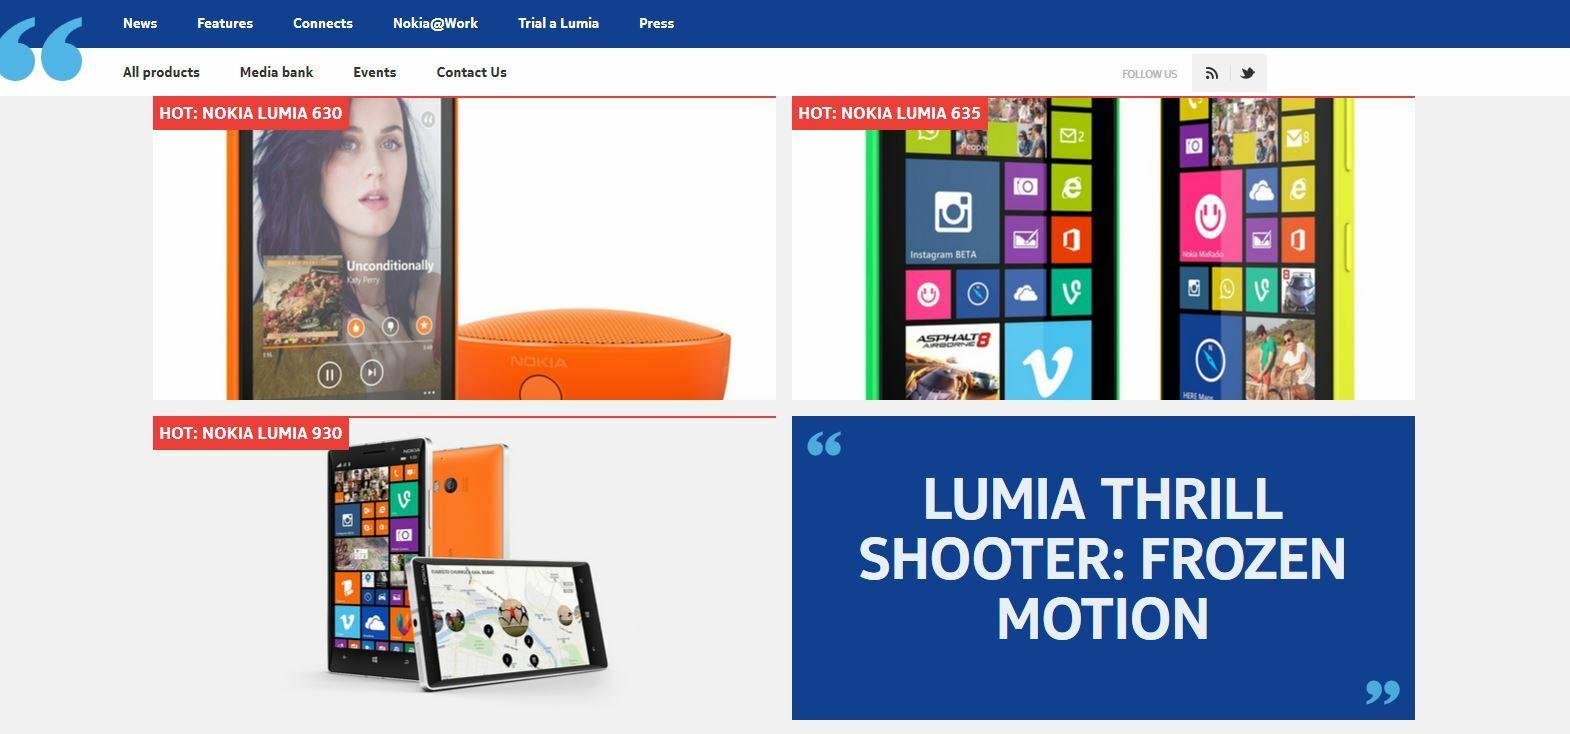 Le site Nokia Conversations intègre désormais les ressources Presse